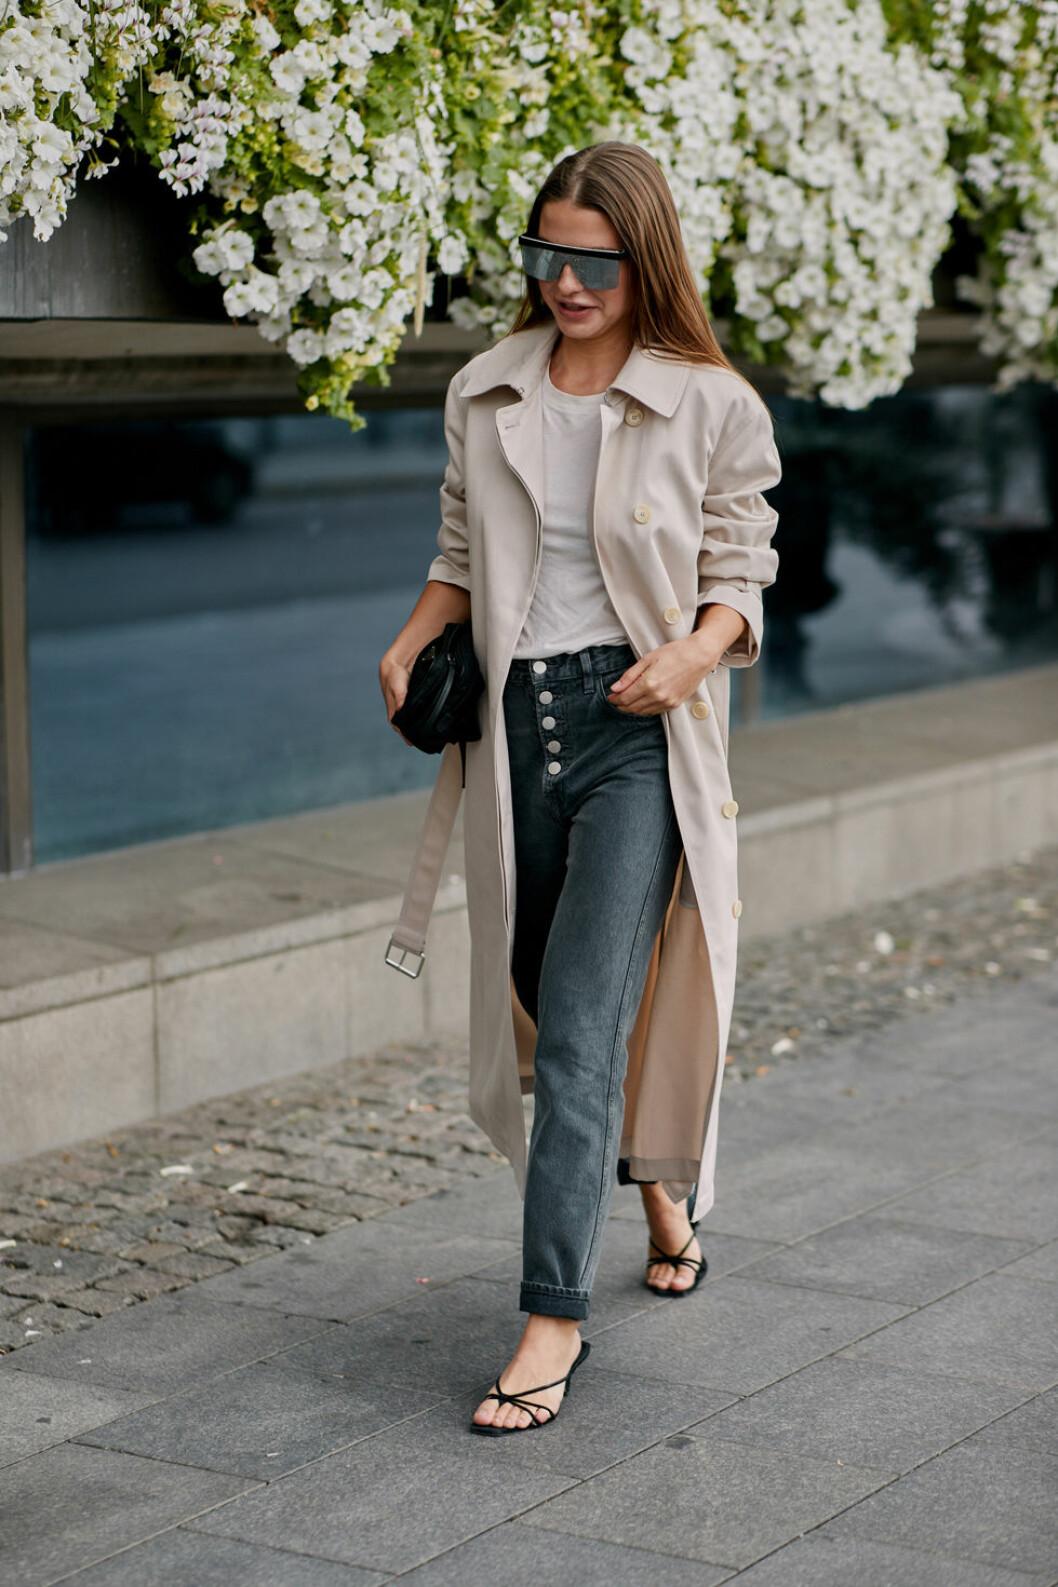 Köpenhamns modevecka streetstyle